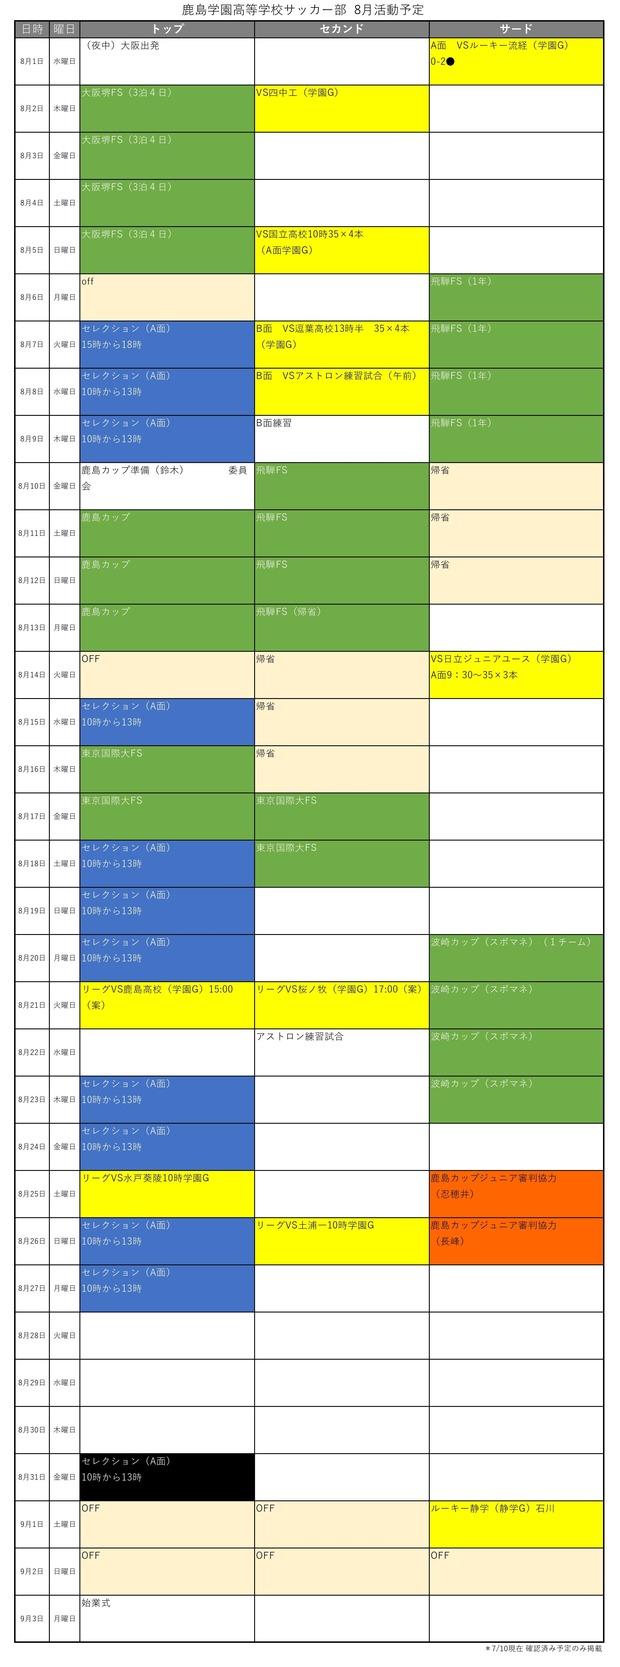 鹿島学園サッカー部2018 8月スケジュール0001